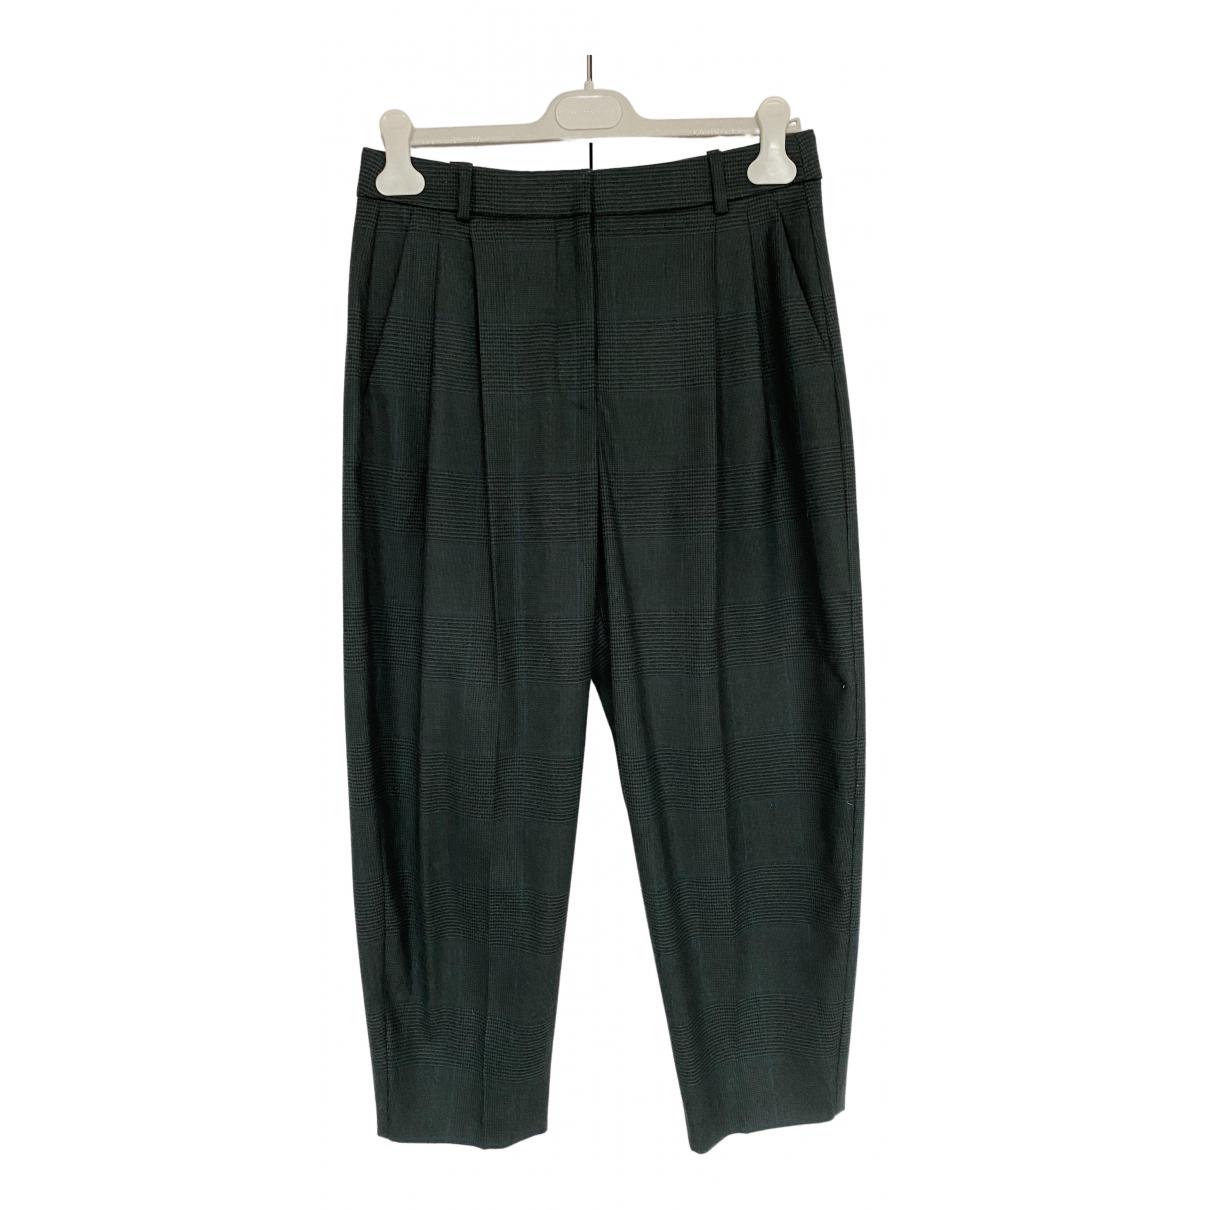 Stella Mccartney N Green Wool Trousers for Women 40 IT